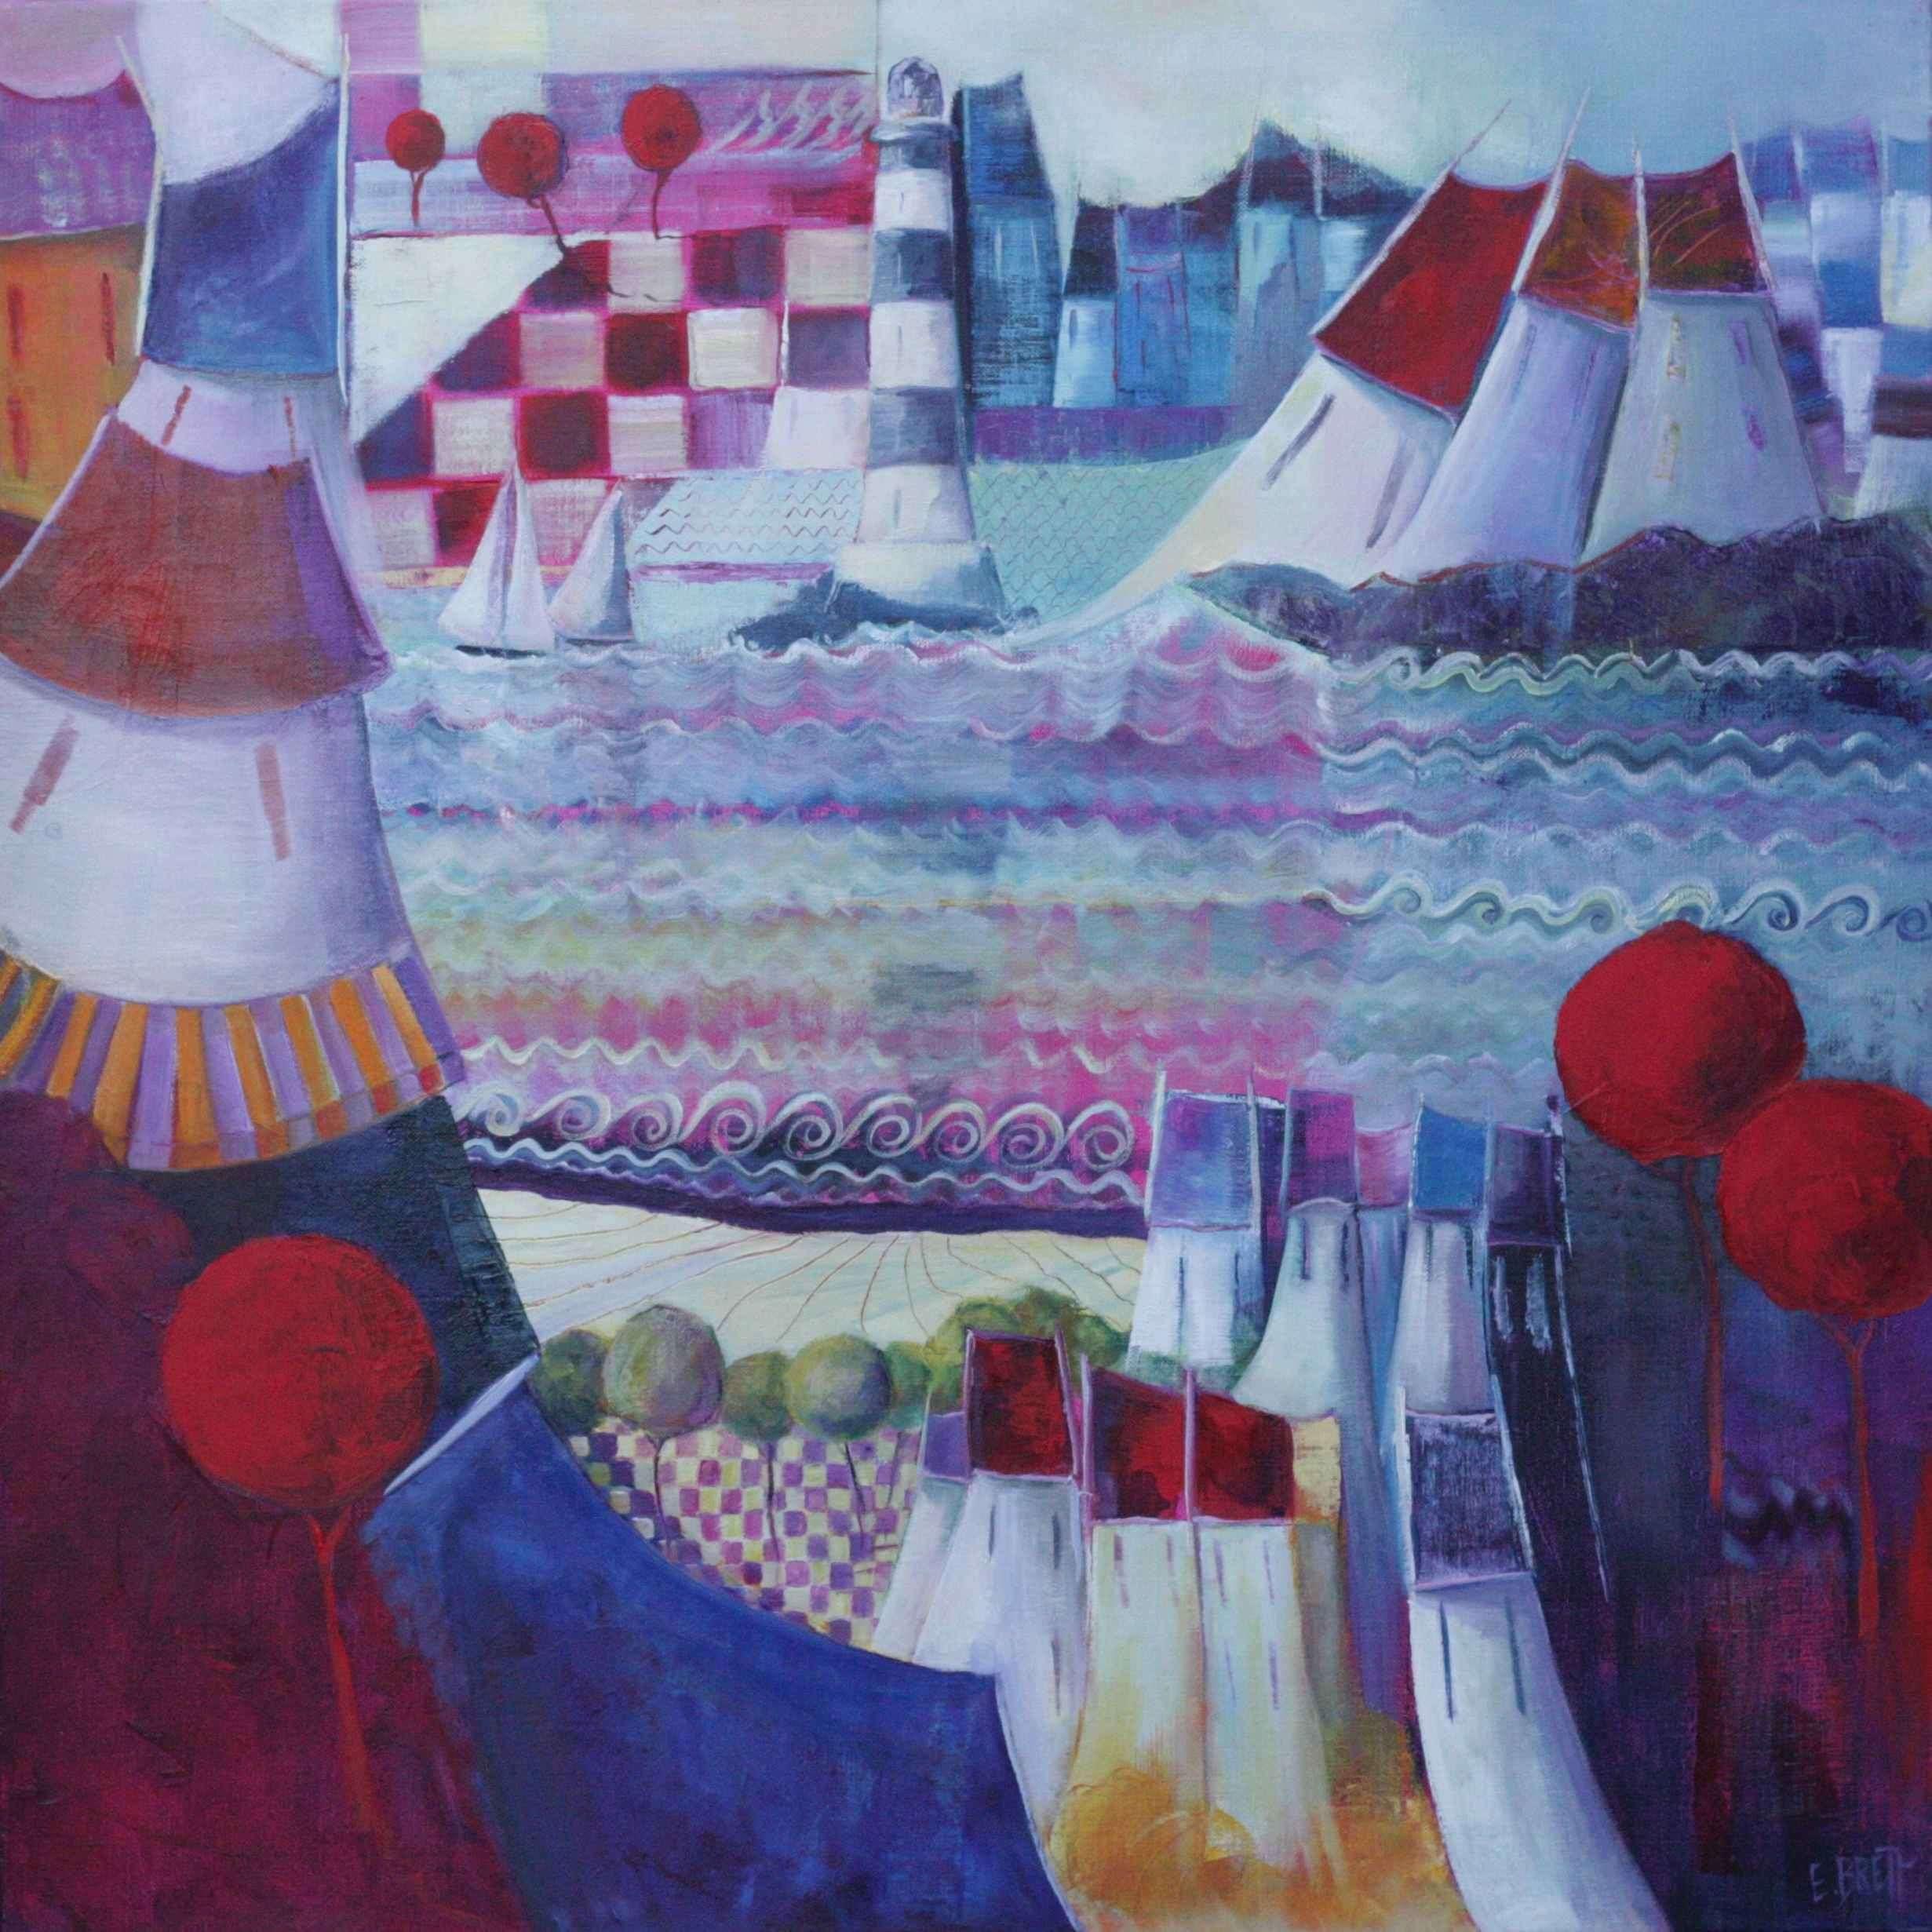 ondulations -E. Brett